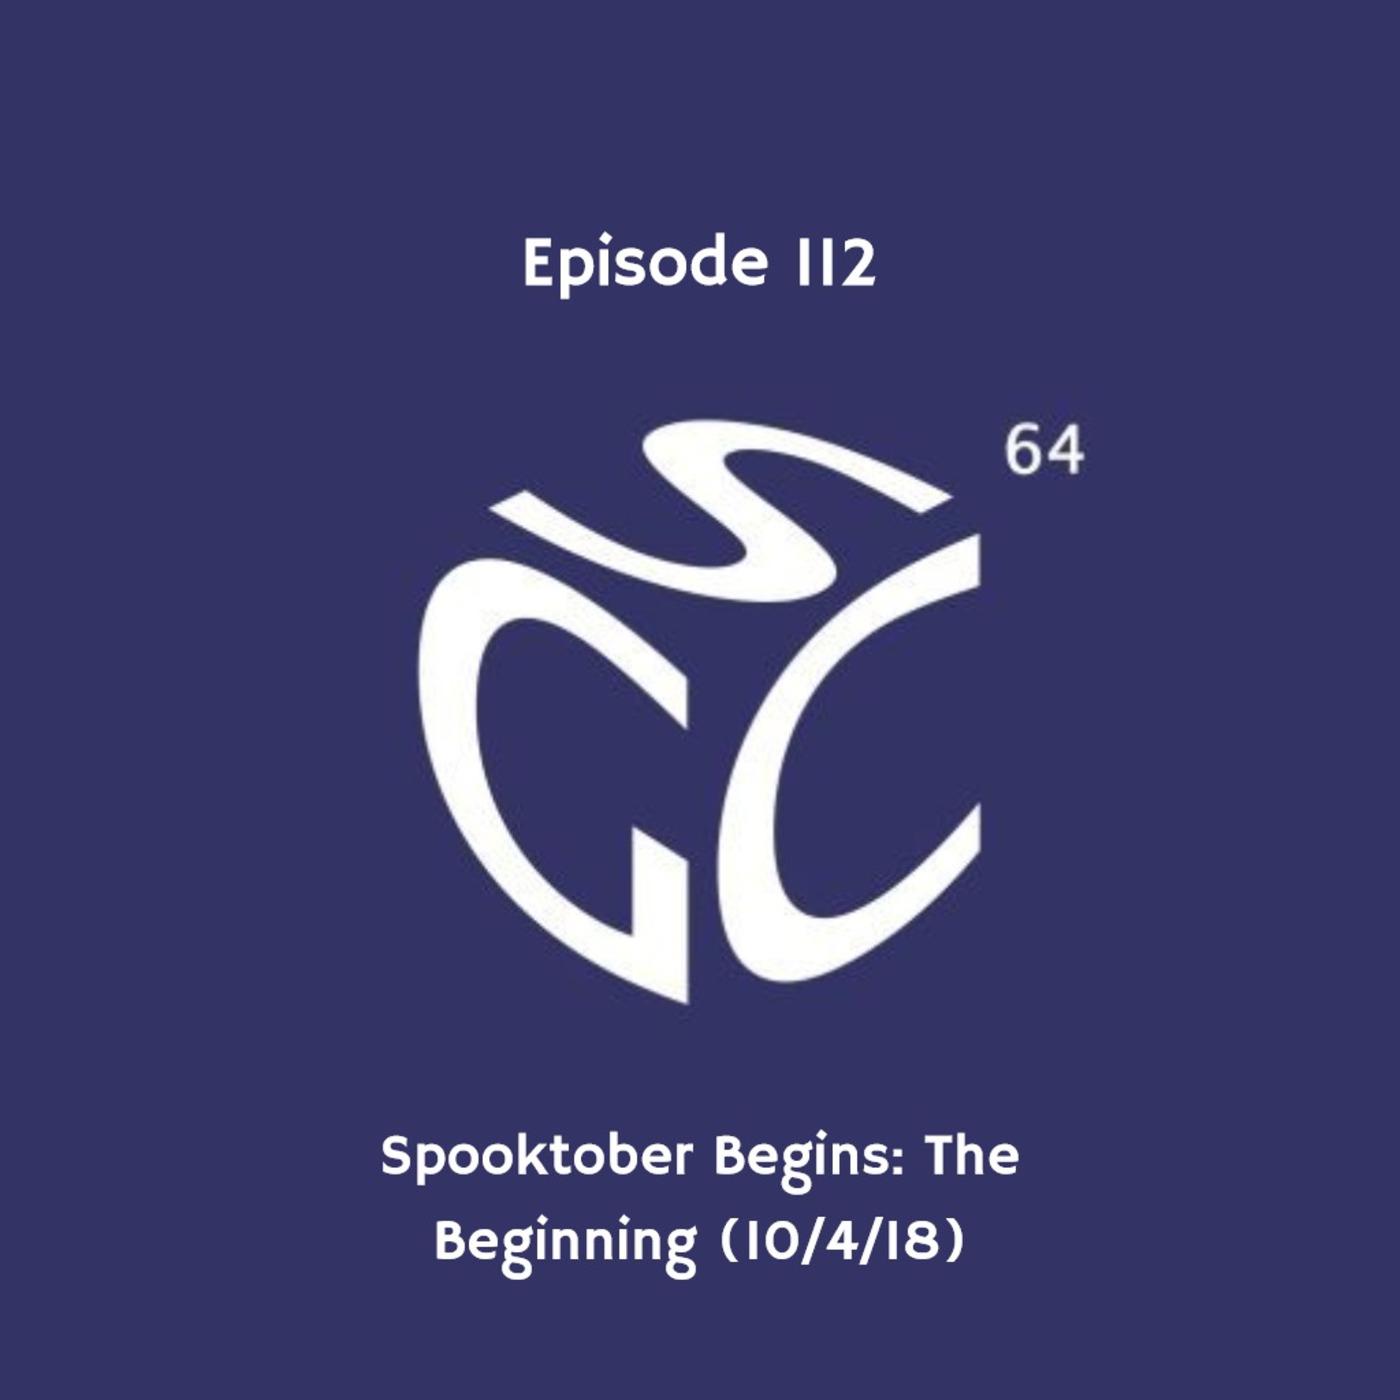 EP112: Spooktober Begins: The Beginning (10/3/18) Super Gamecast 64